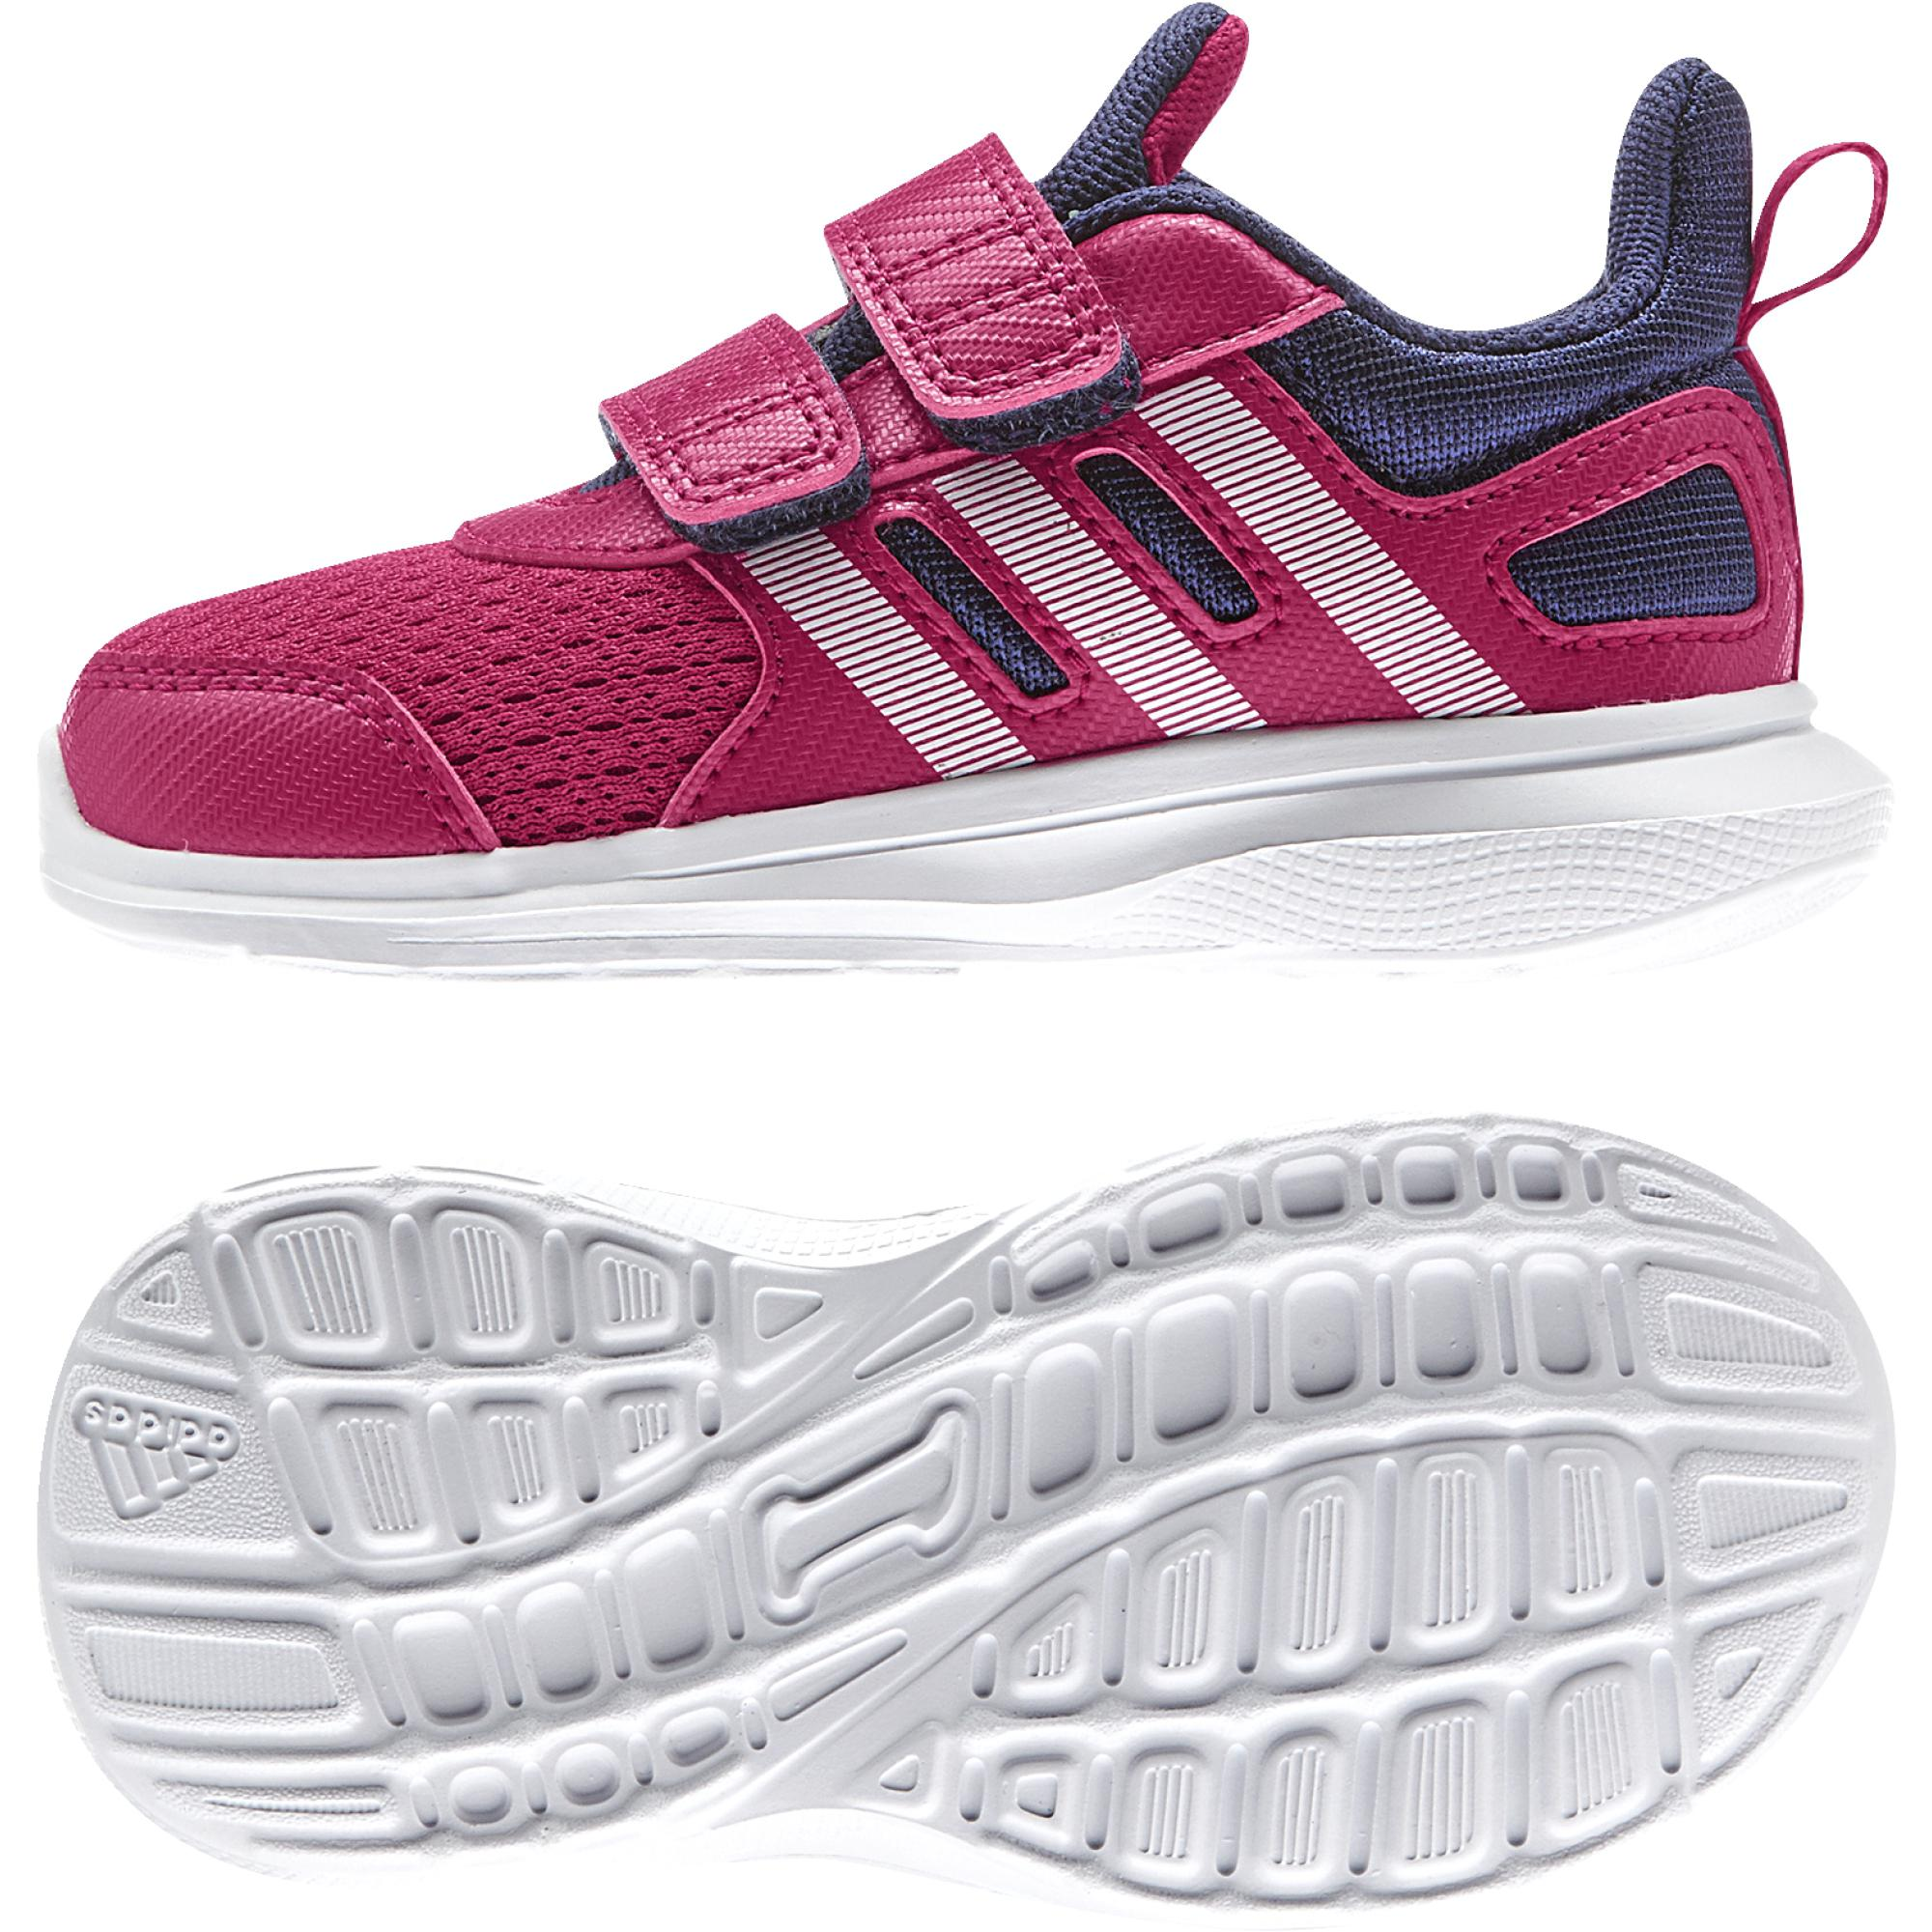 a0442c7b buty dziecięce adidas Hyperfast r 25 B23848 - 7404569877 - oficjalne ...